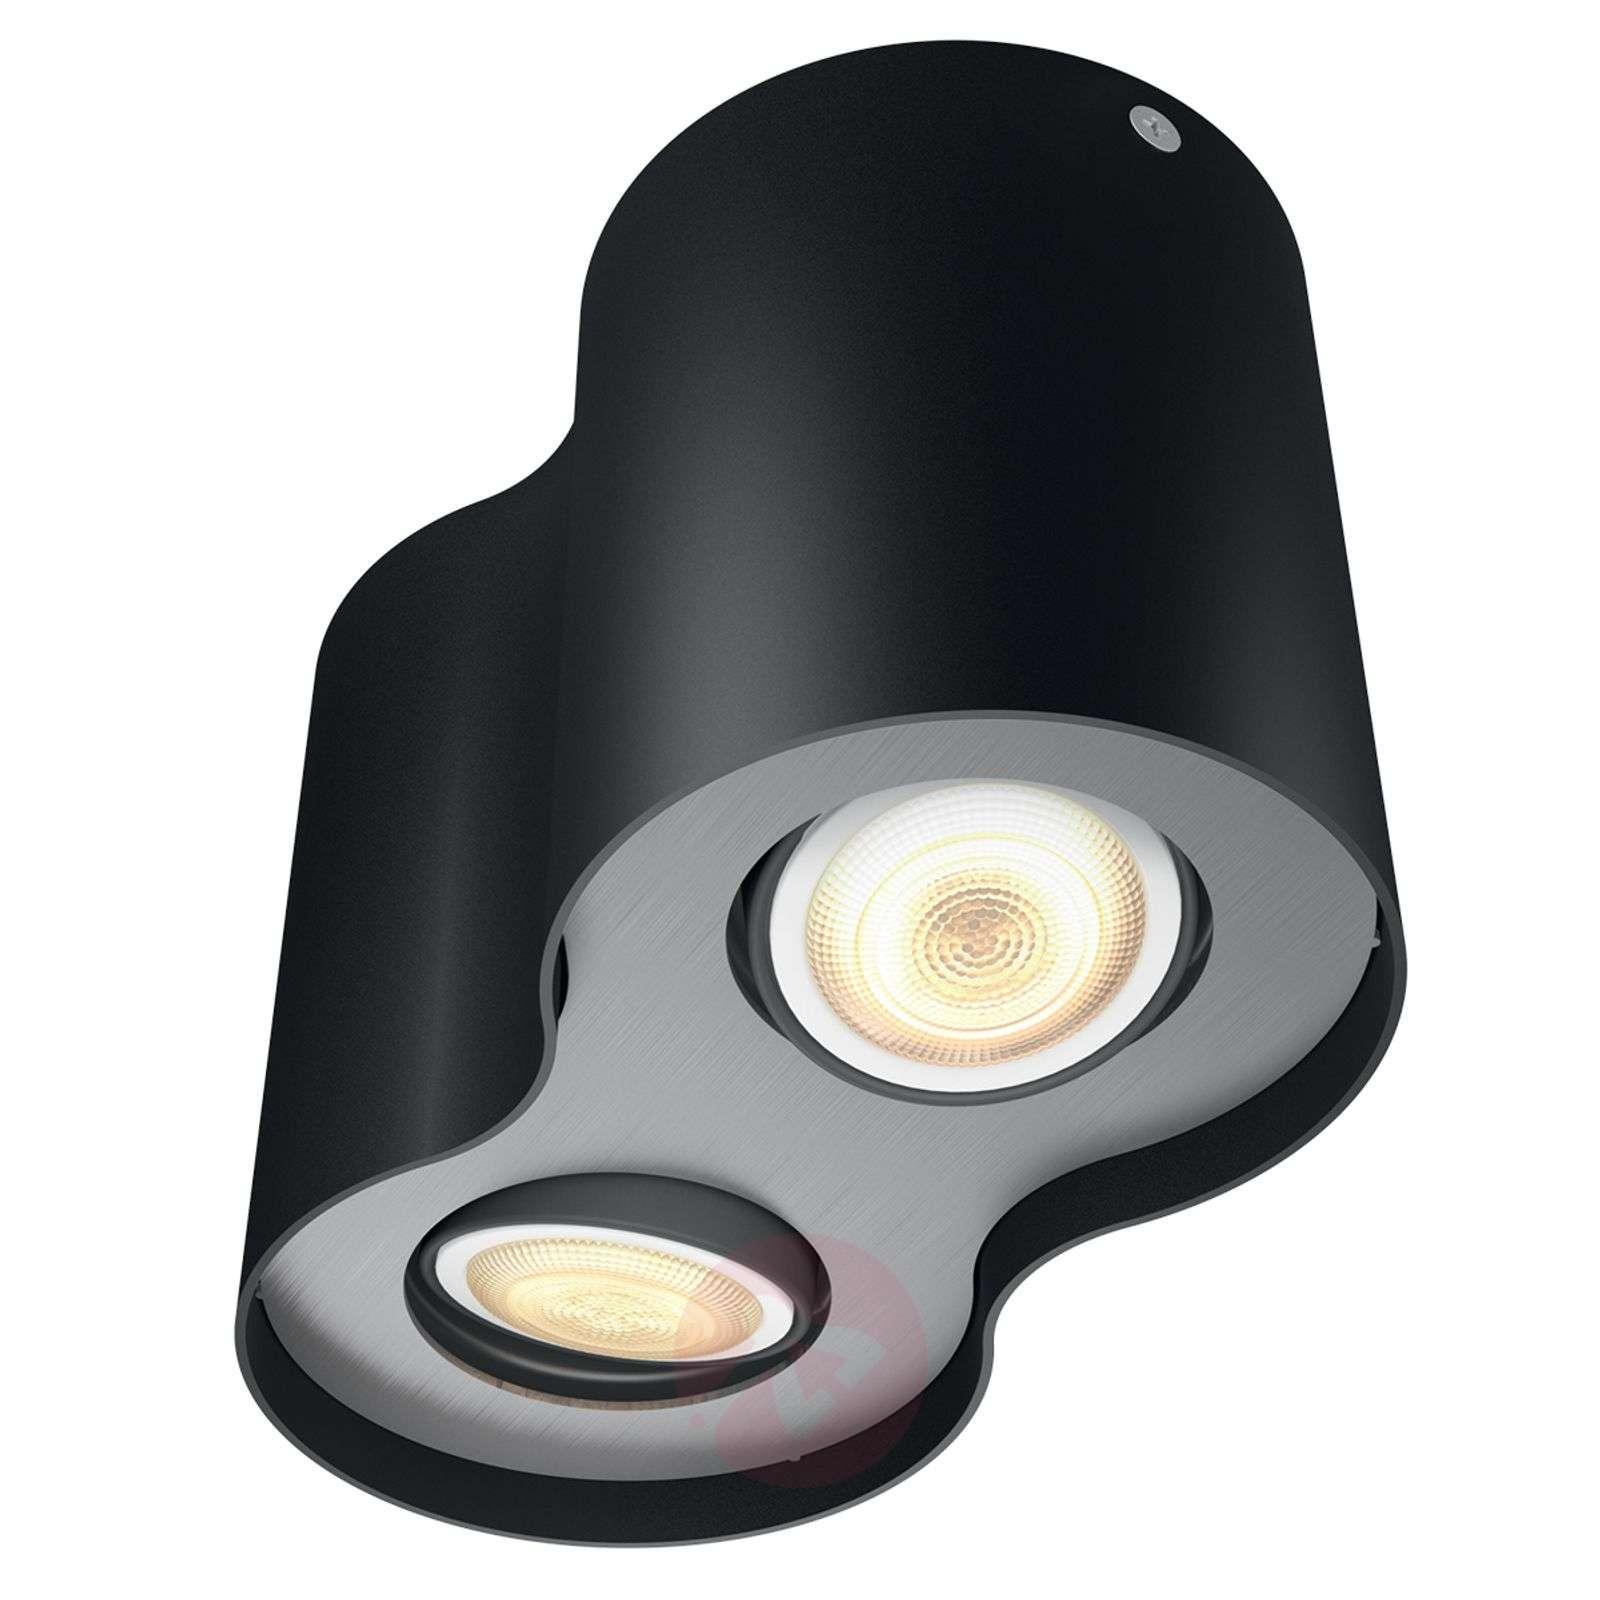 Sis. himm. – Philips Hue Pillar-LED-spotti, 2-l-7531882-01